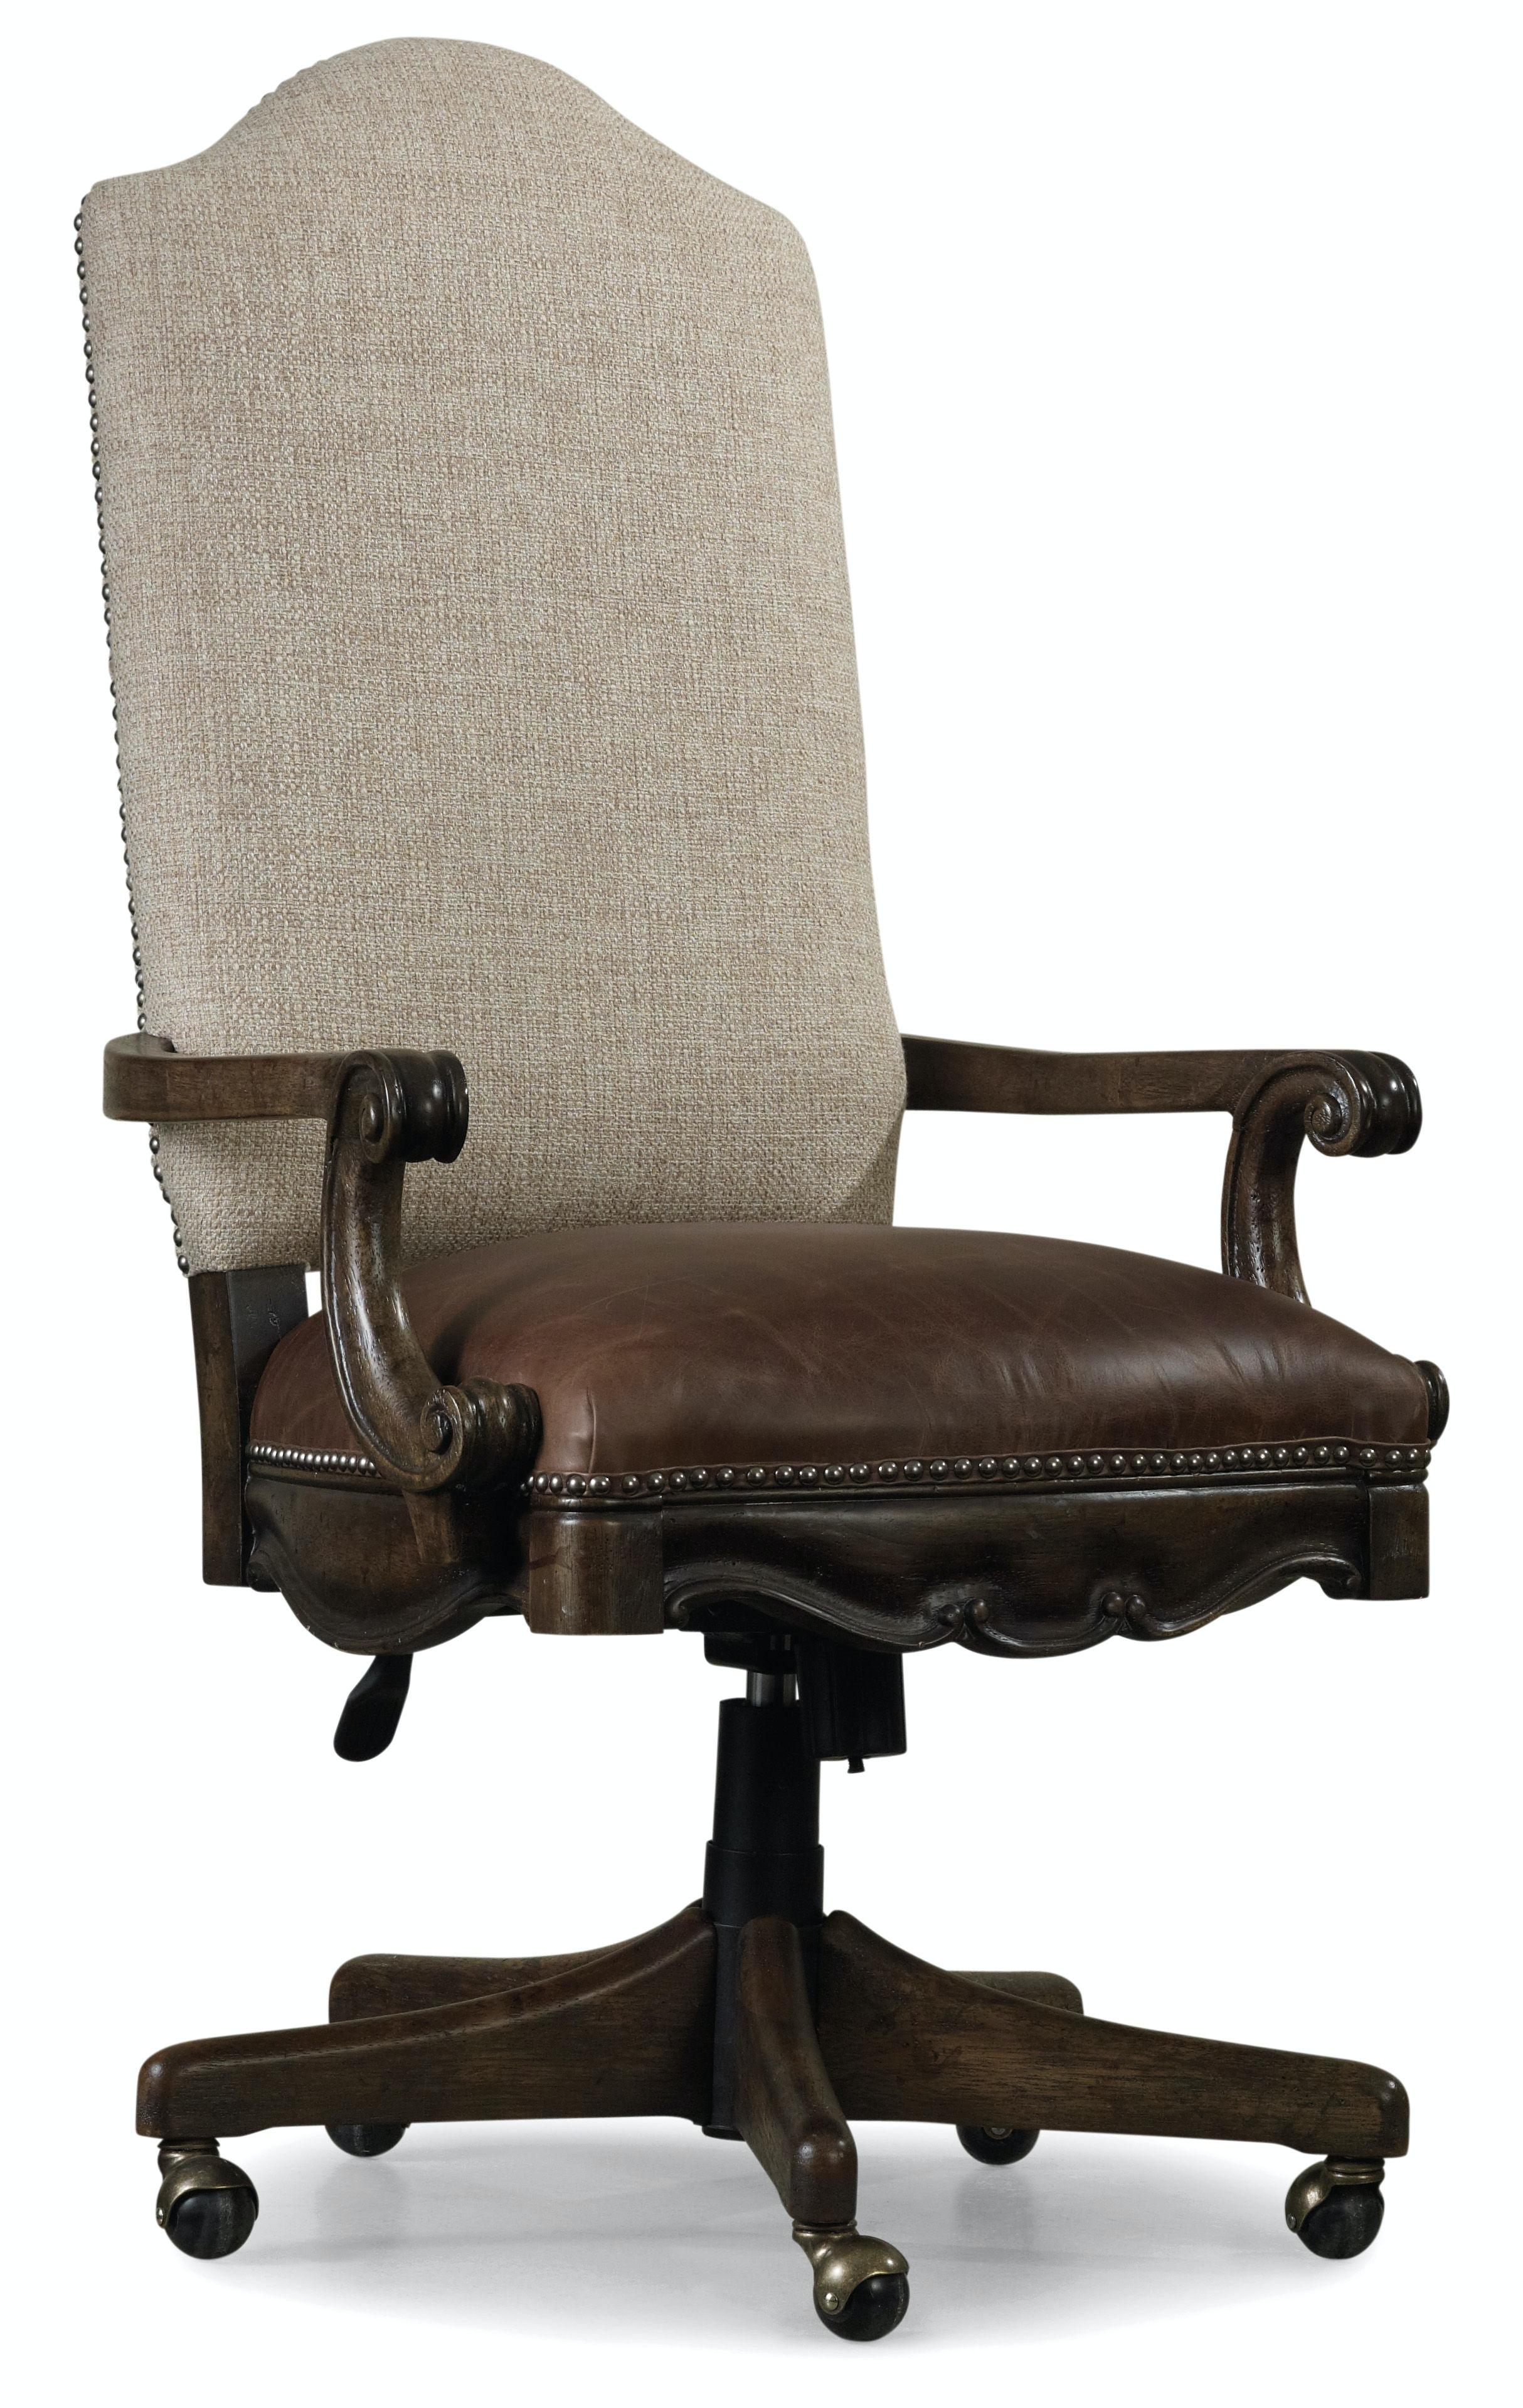 Hooker Furniture Rhapsody Tilt Swivel Chair 5070 30220